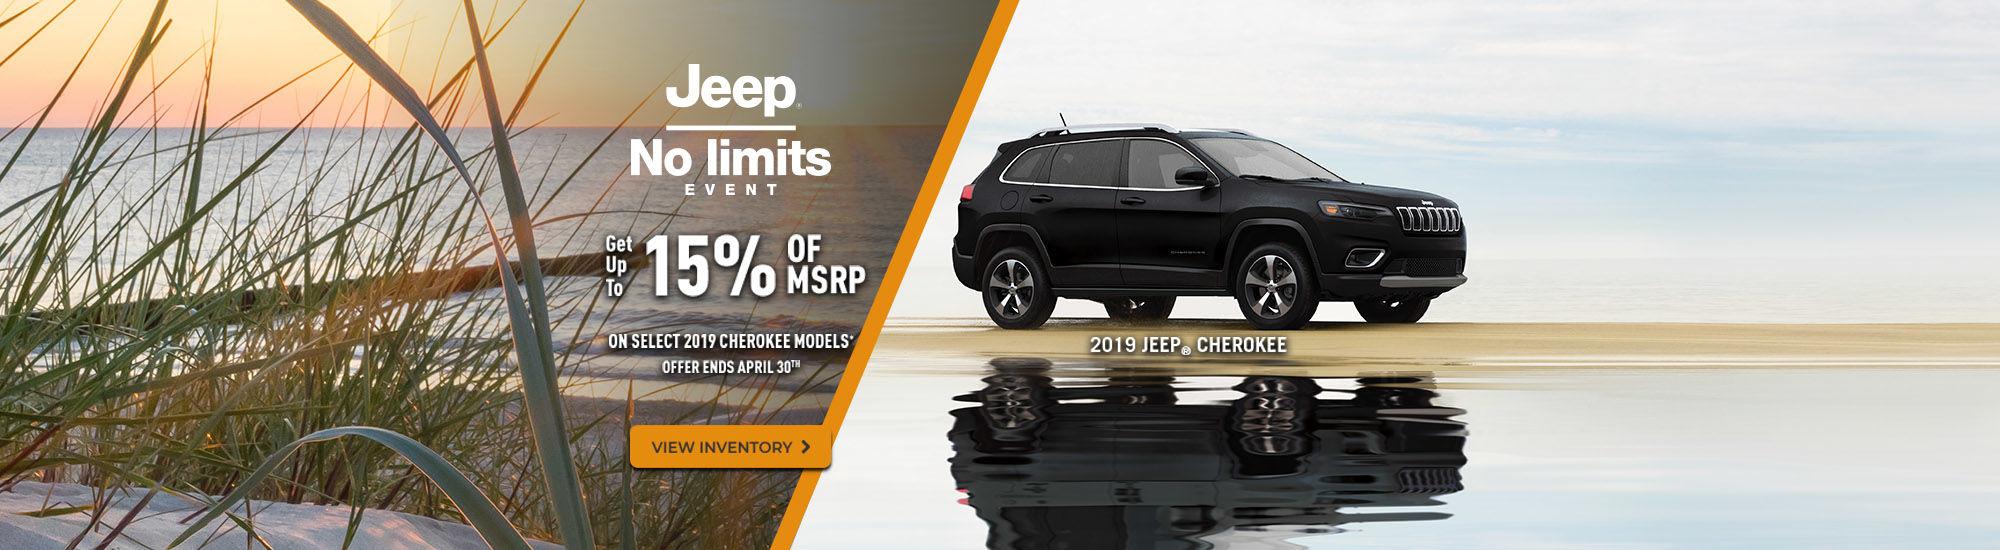 Jeep no limits events